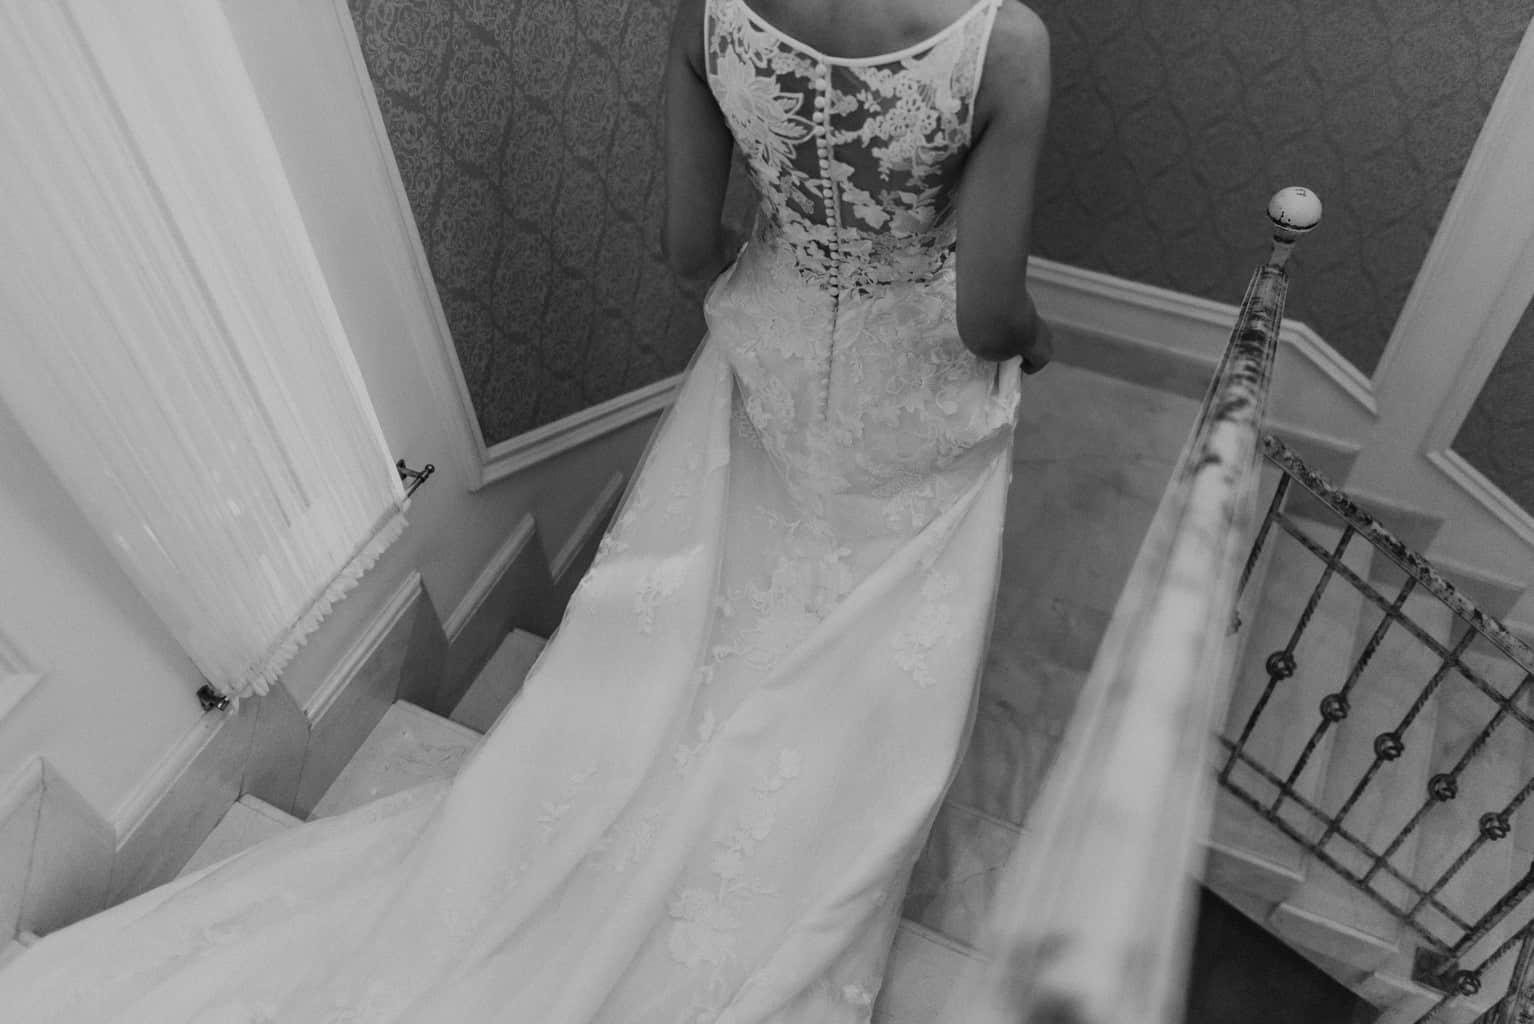 Braulio-Delai-casamento-Luciana-e-Eduardo-Cerimonial-Sandra-Colin-Fotografia-Mana-Gollo-Igreja-Santa-Terezinha-e-Espaço-Klaine-making-of9